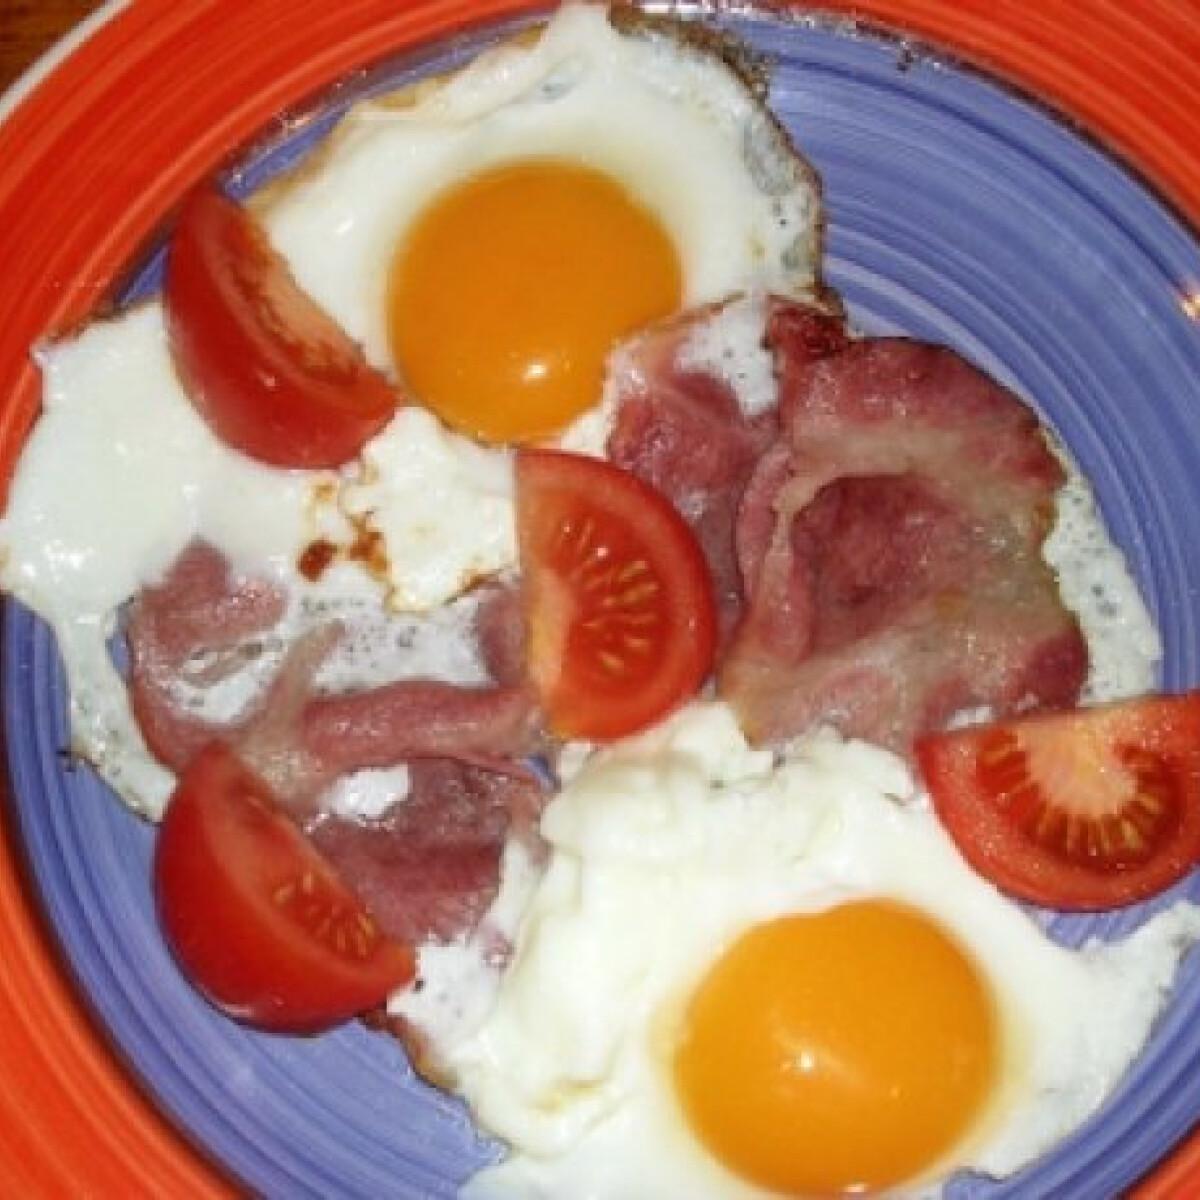 Ezen a képen: Ham and eggs kovextől